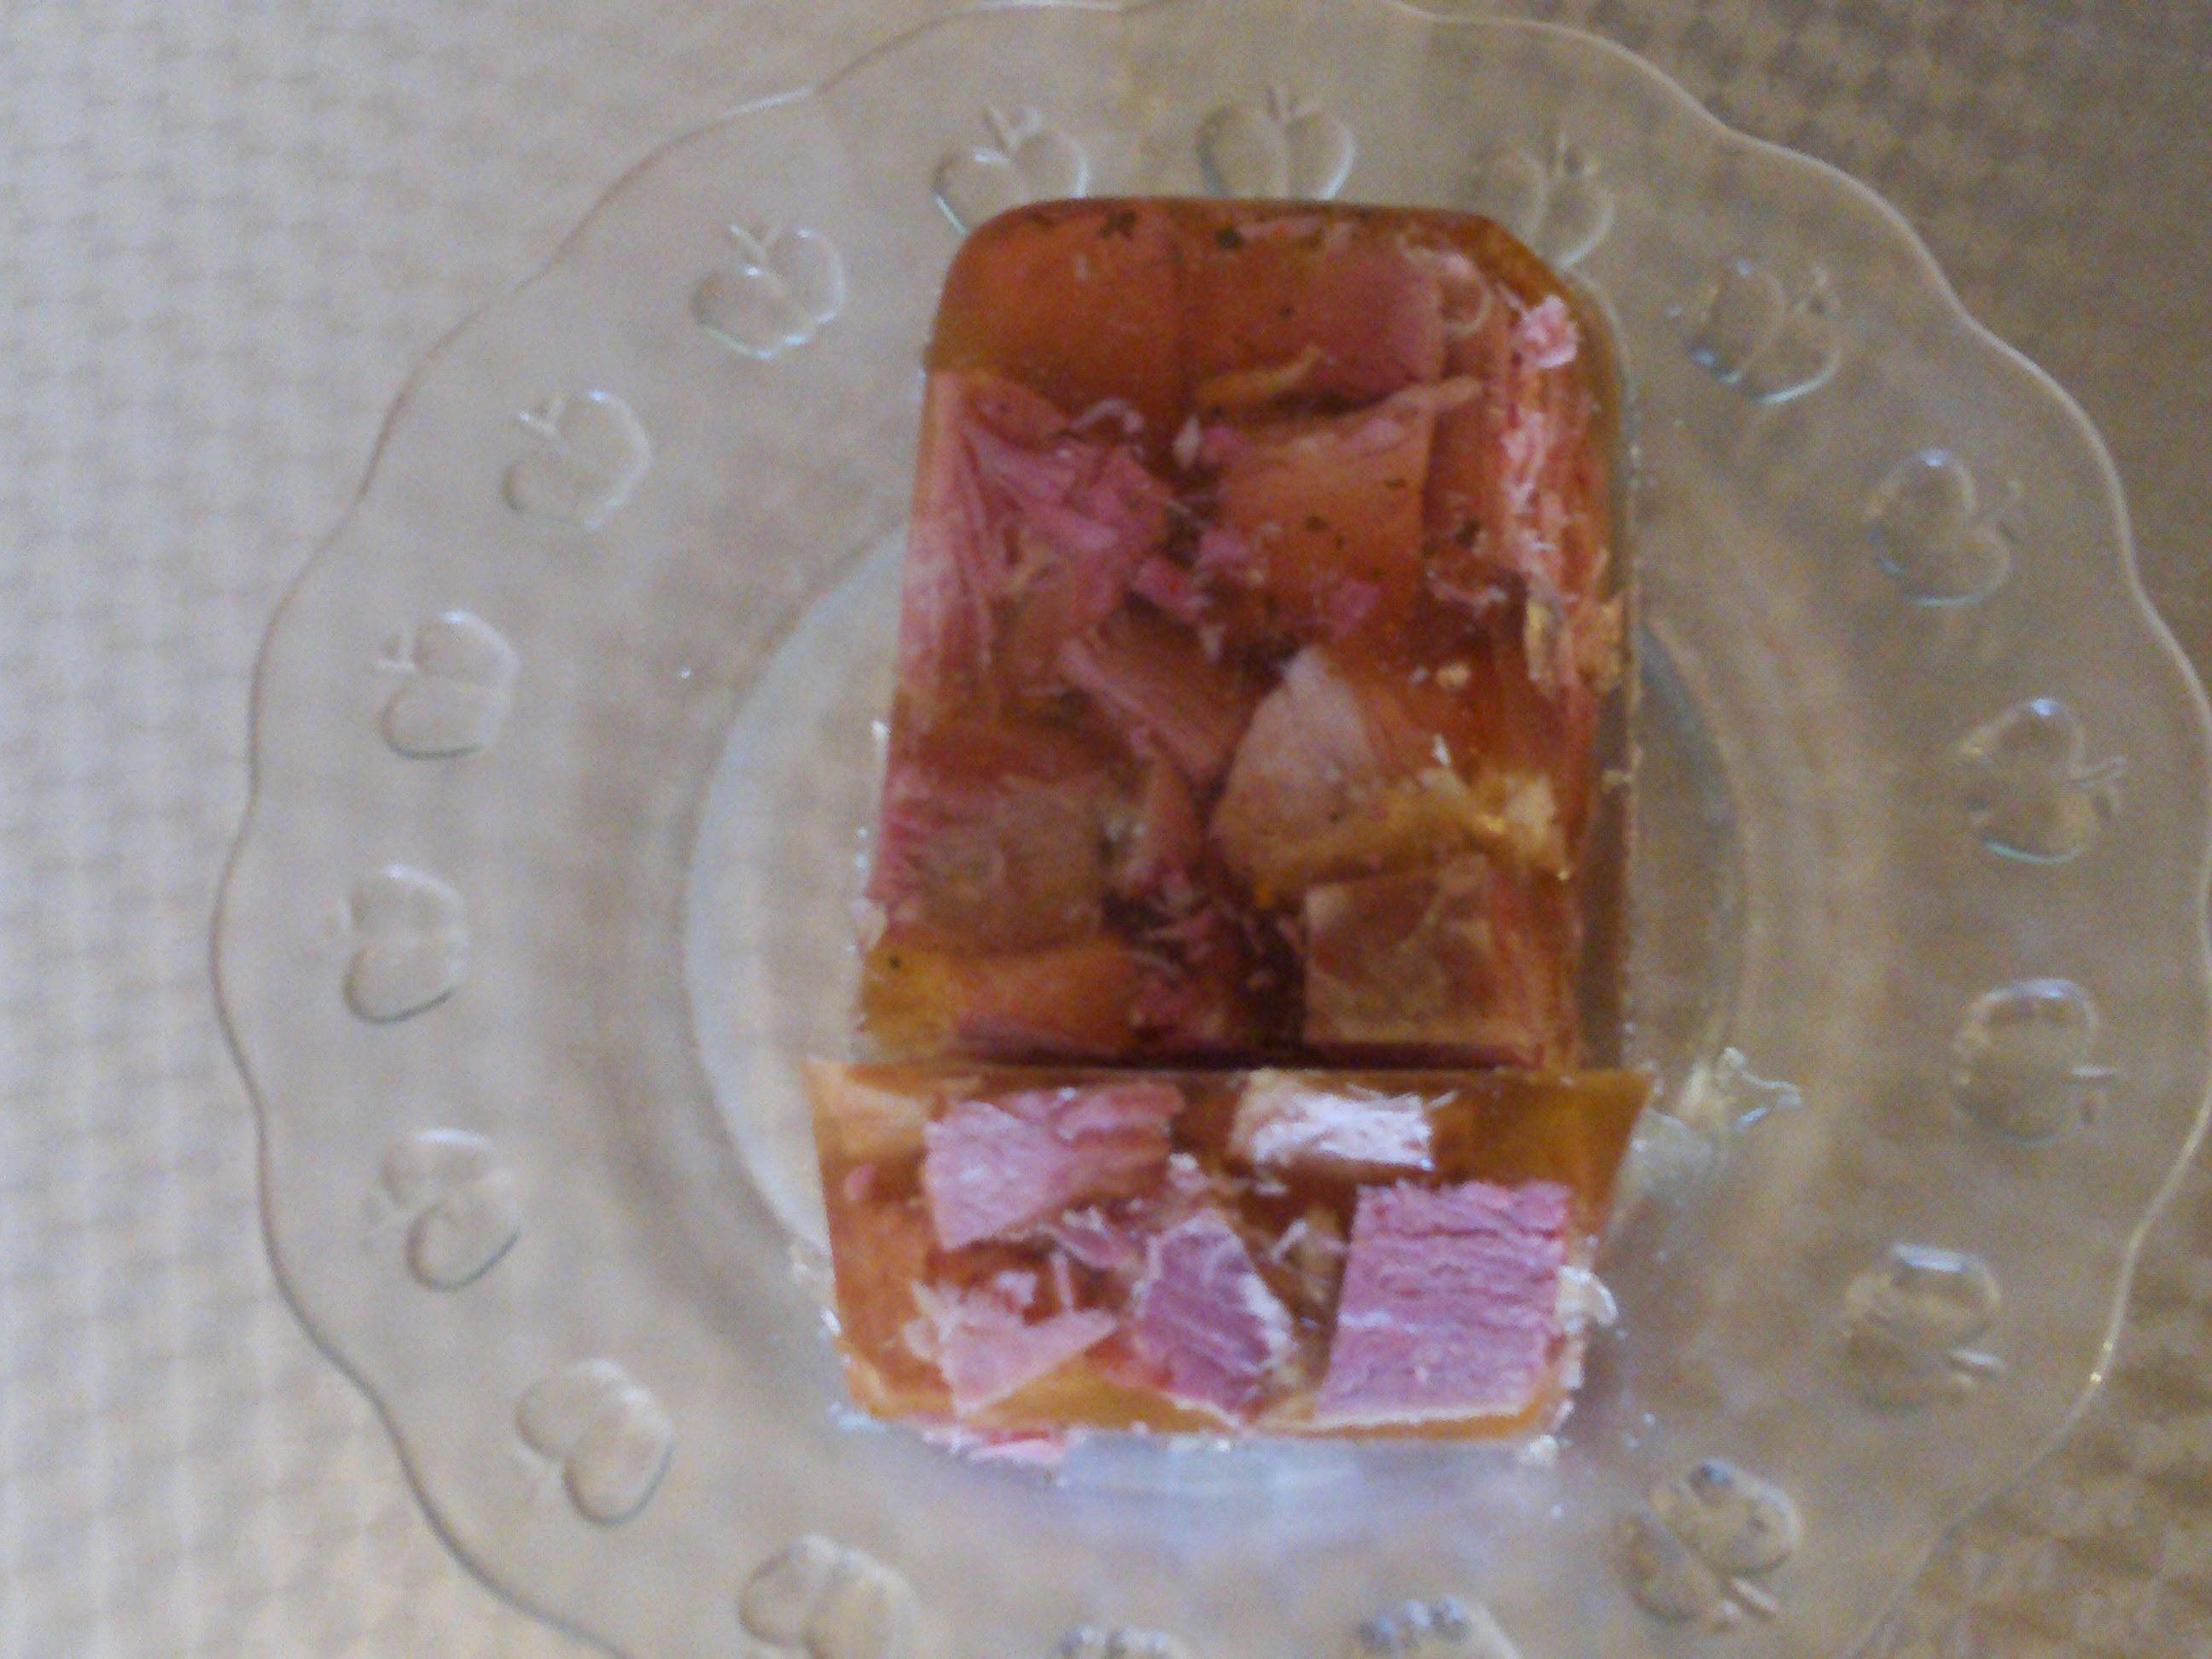 Kaisersulze Nach Grabowsky Art Rezepte Mit Wurstchen Lebensmittel Essen Sauerfleisch